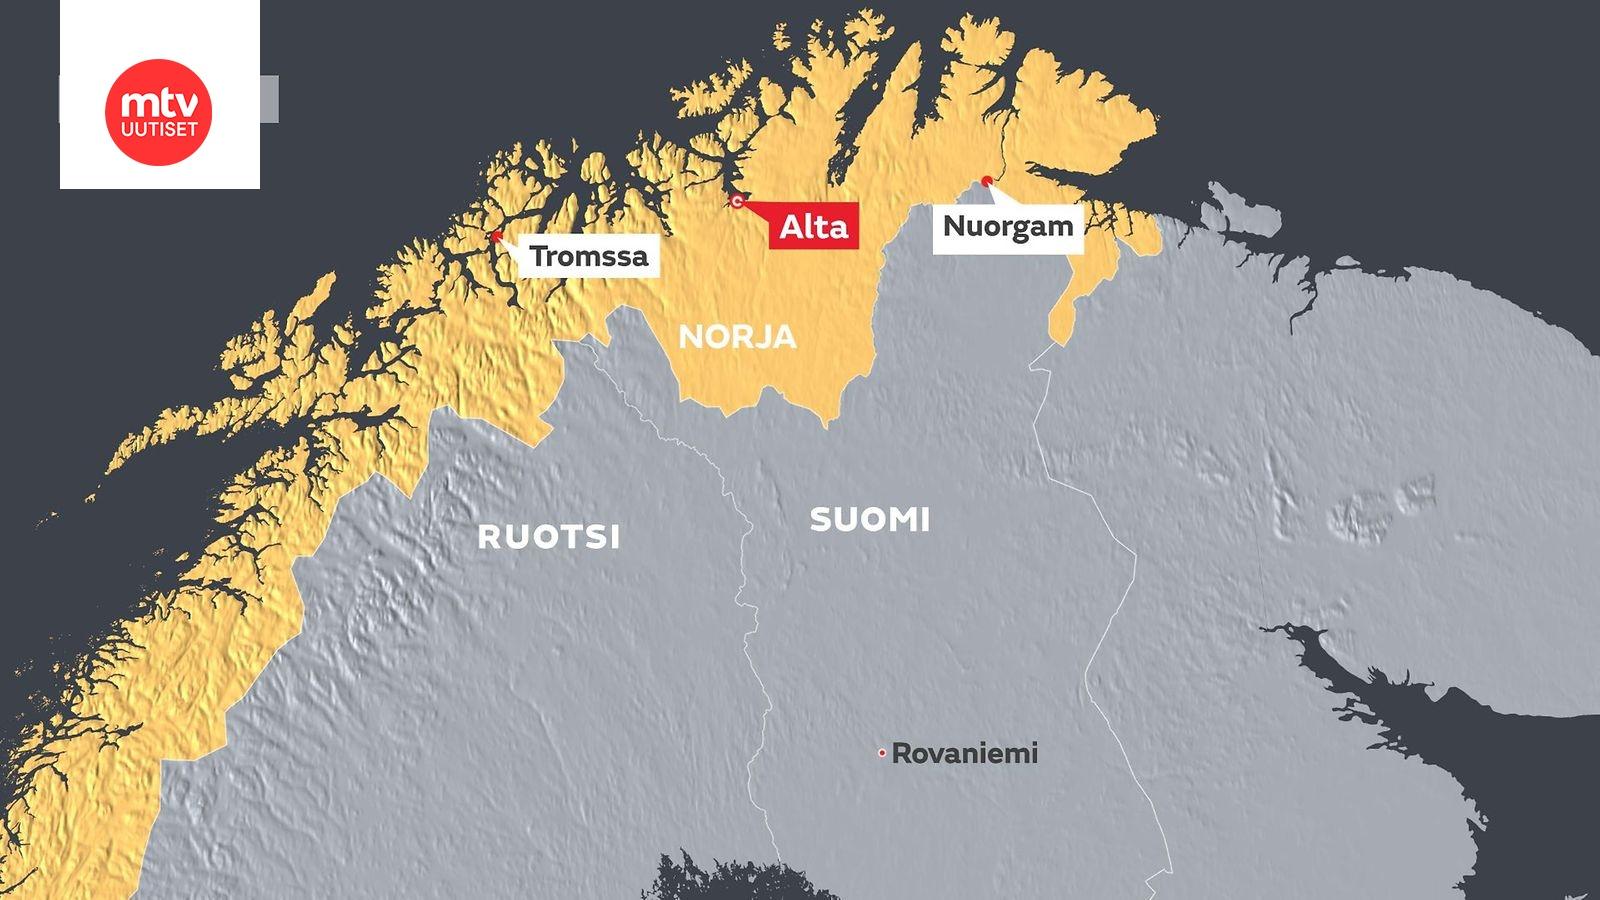 Ainakin Nelja Ihmista Kuollut Helikopterionnettomuudessa Pohjois